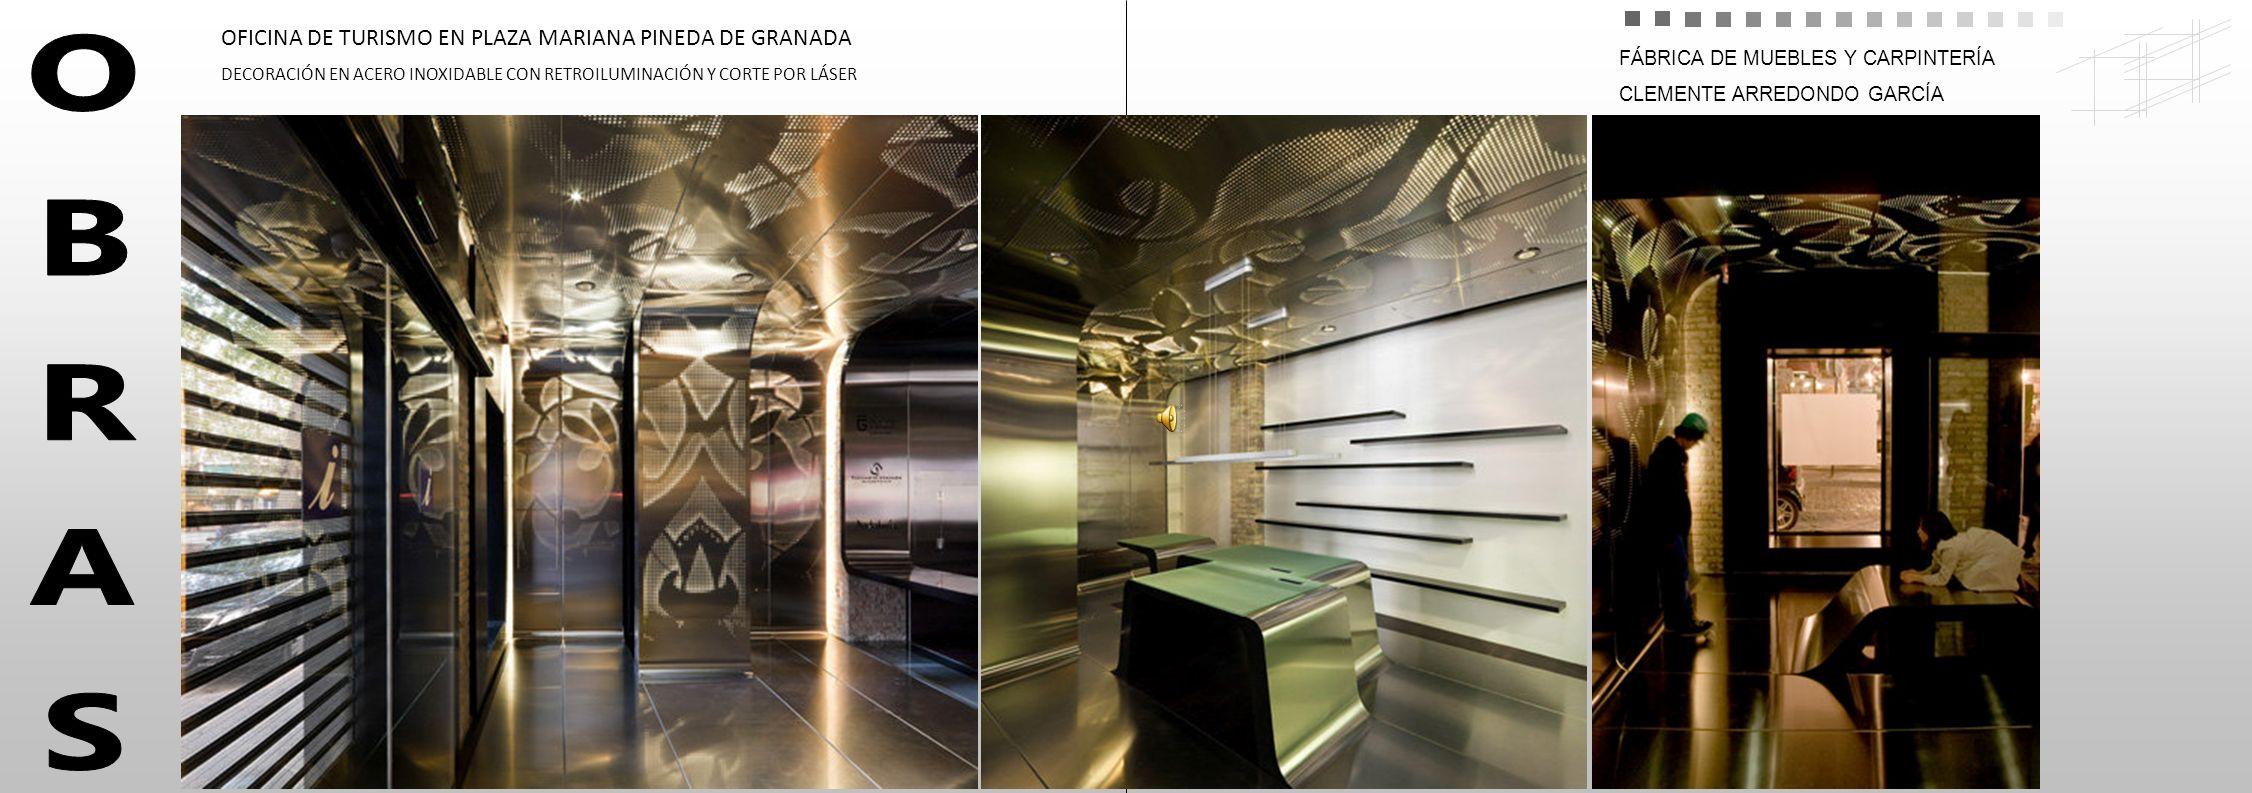 Muebles Oficina Granada Elegant Muebles Oficina Granada With  # Muebles De Oficina Dauro